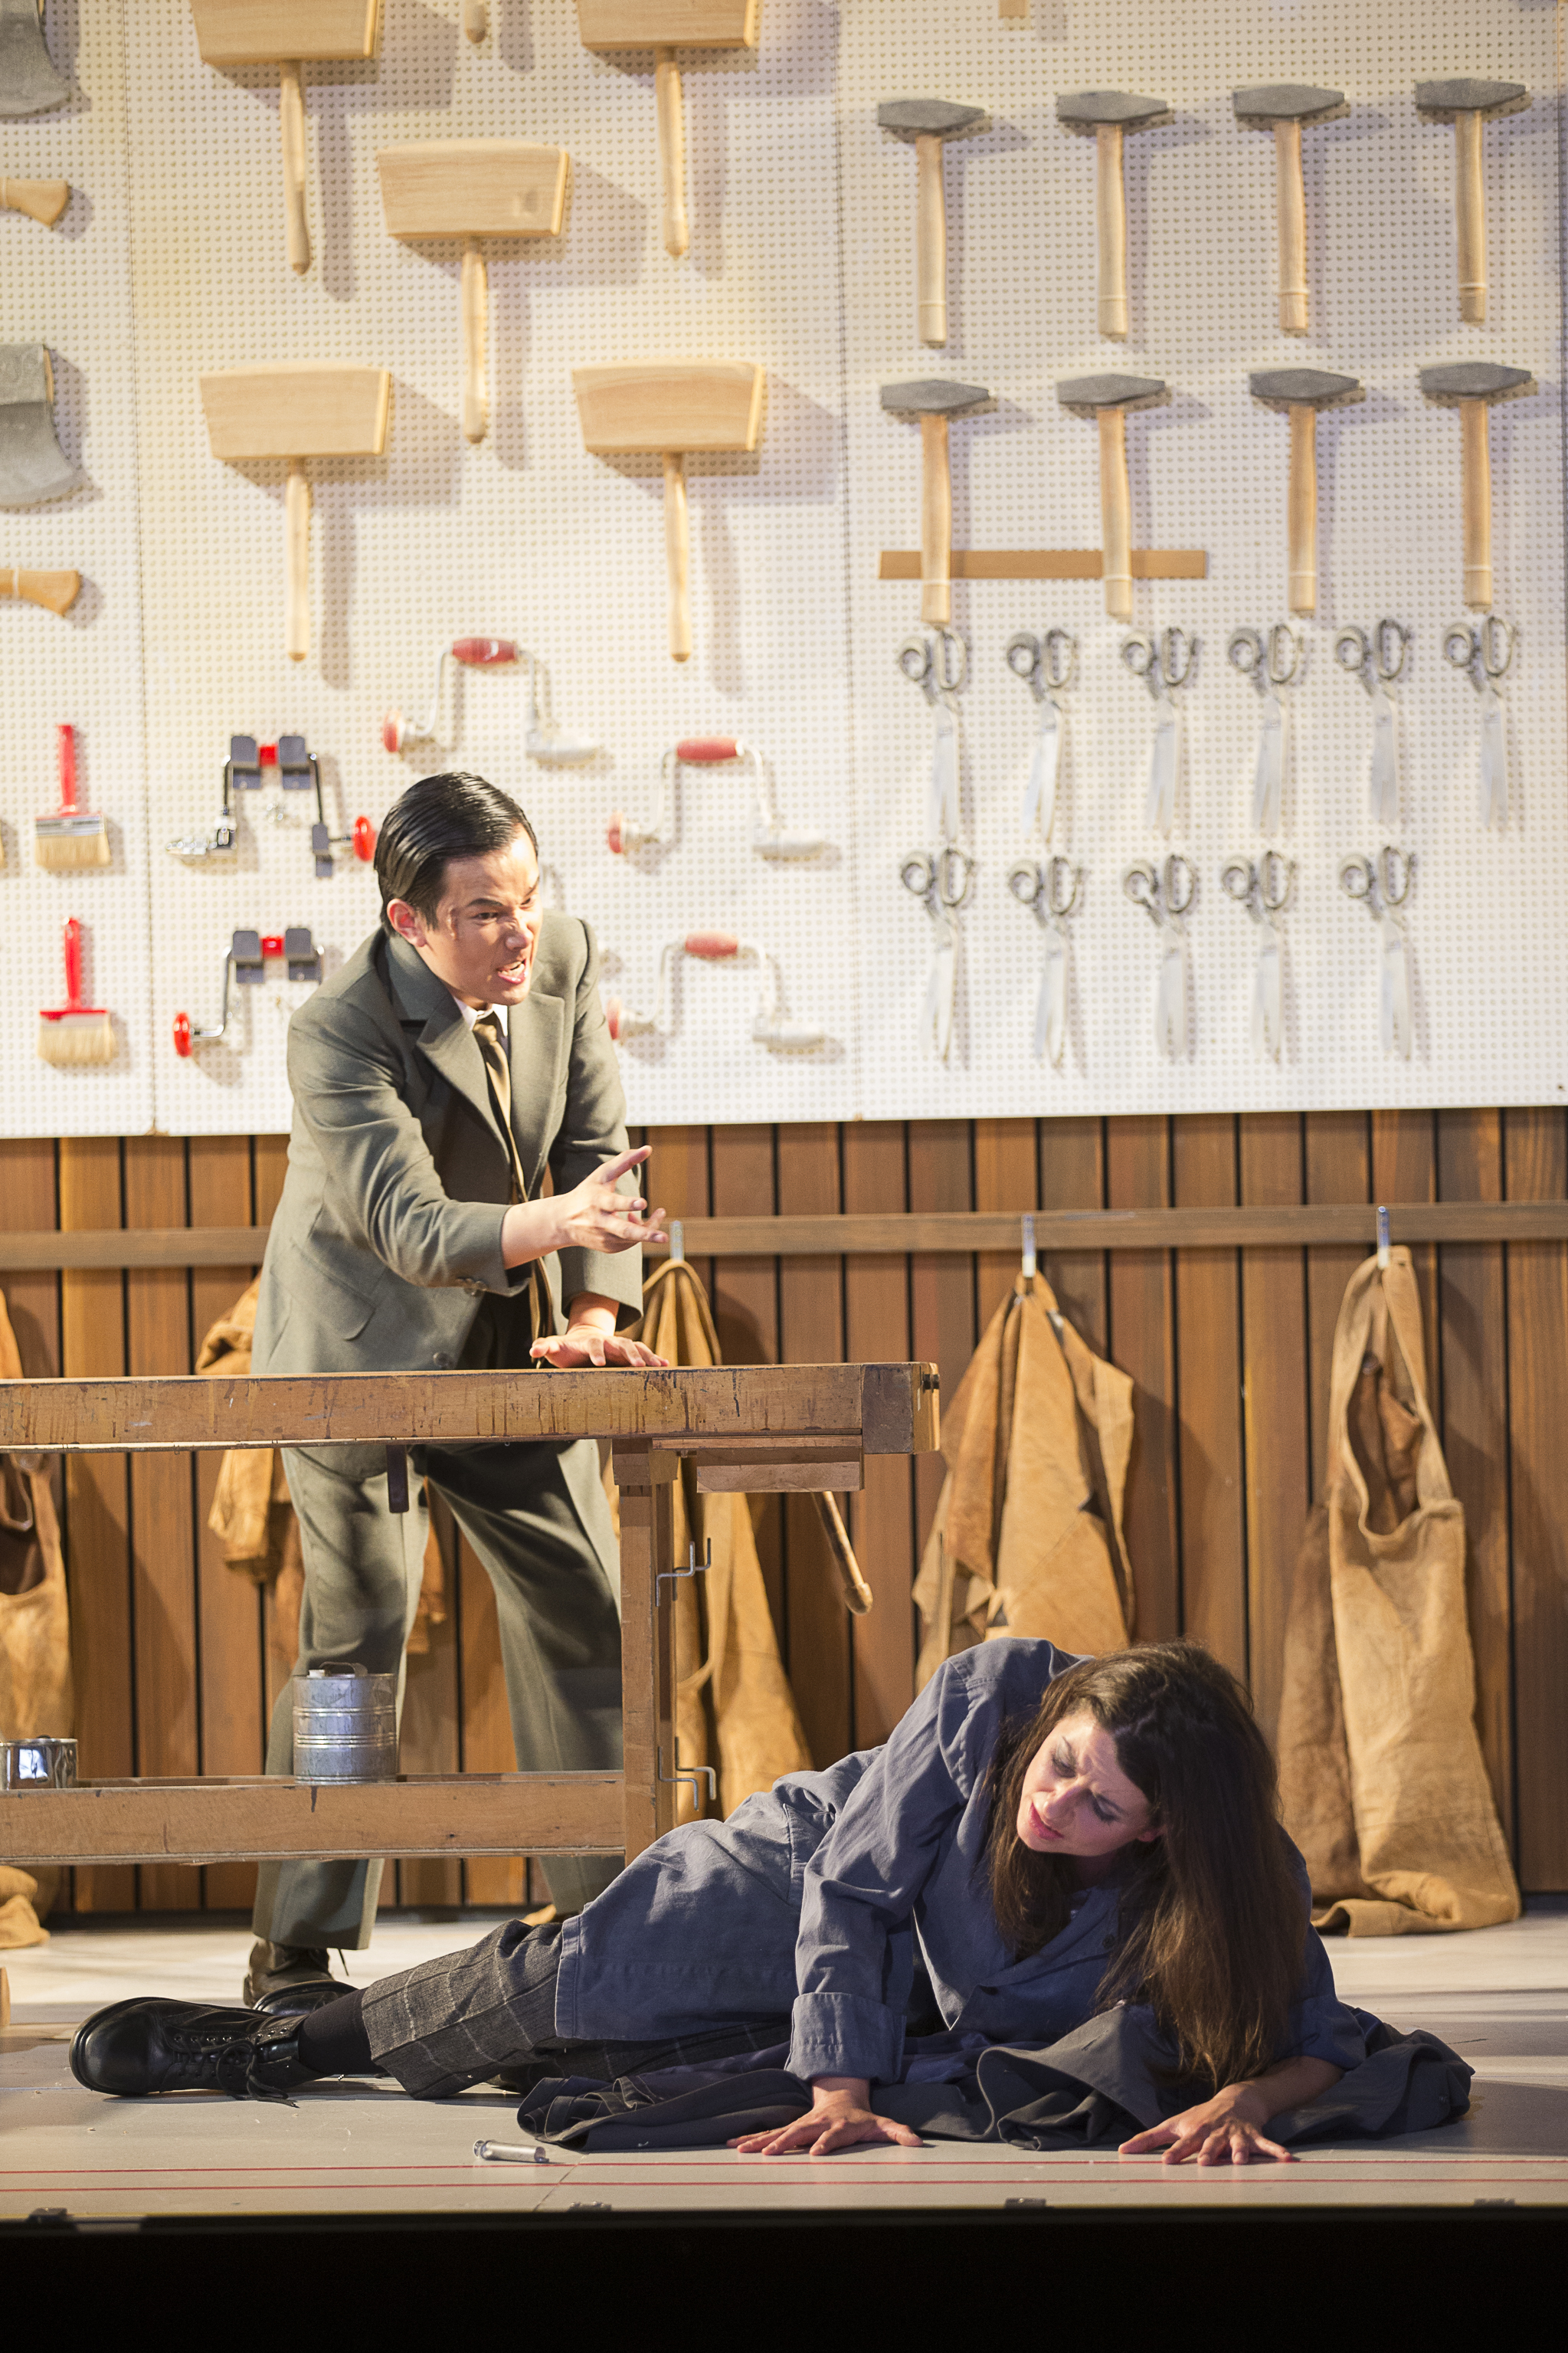 2014年6月奥地利格拉茨歌剧院 多尼采第歌剧《宠姬》.JPG